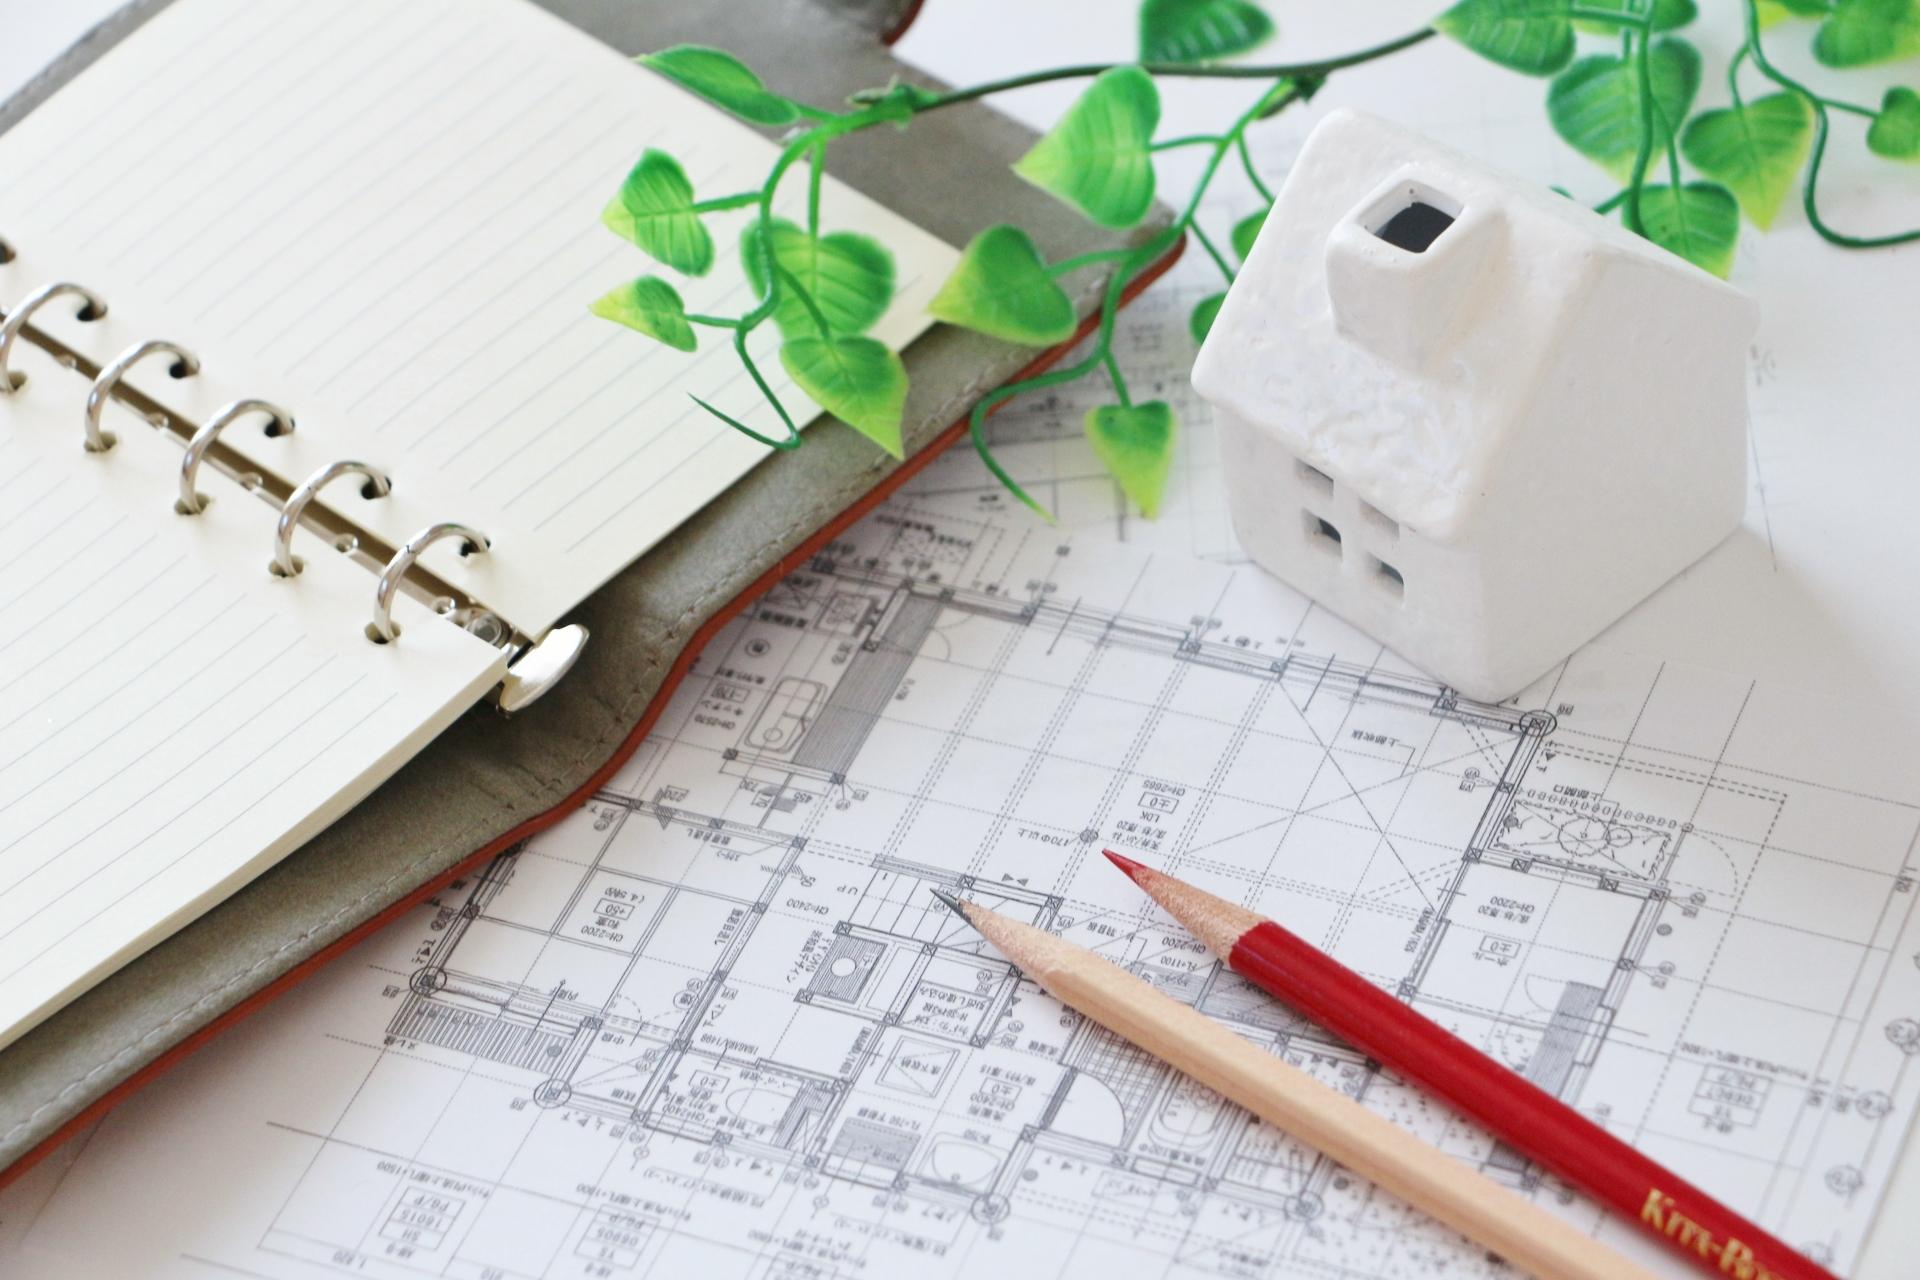 自由設計で理想の住まいを手に入れるためのポイント